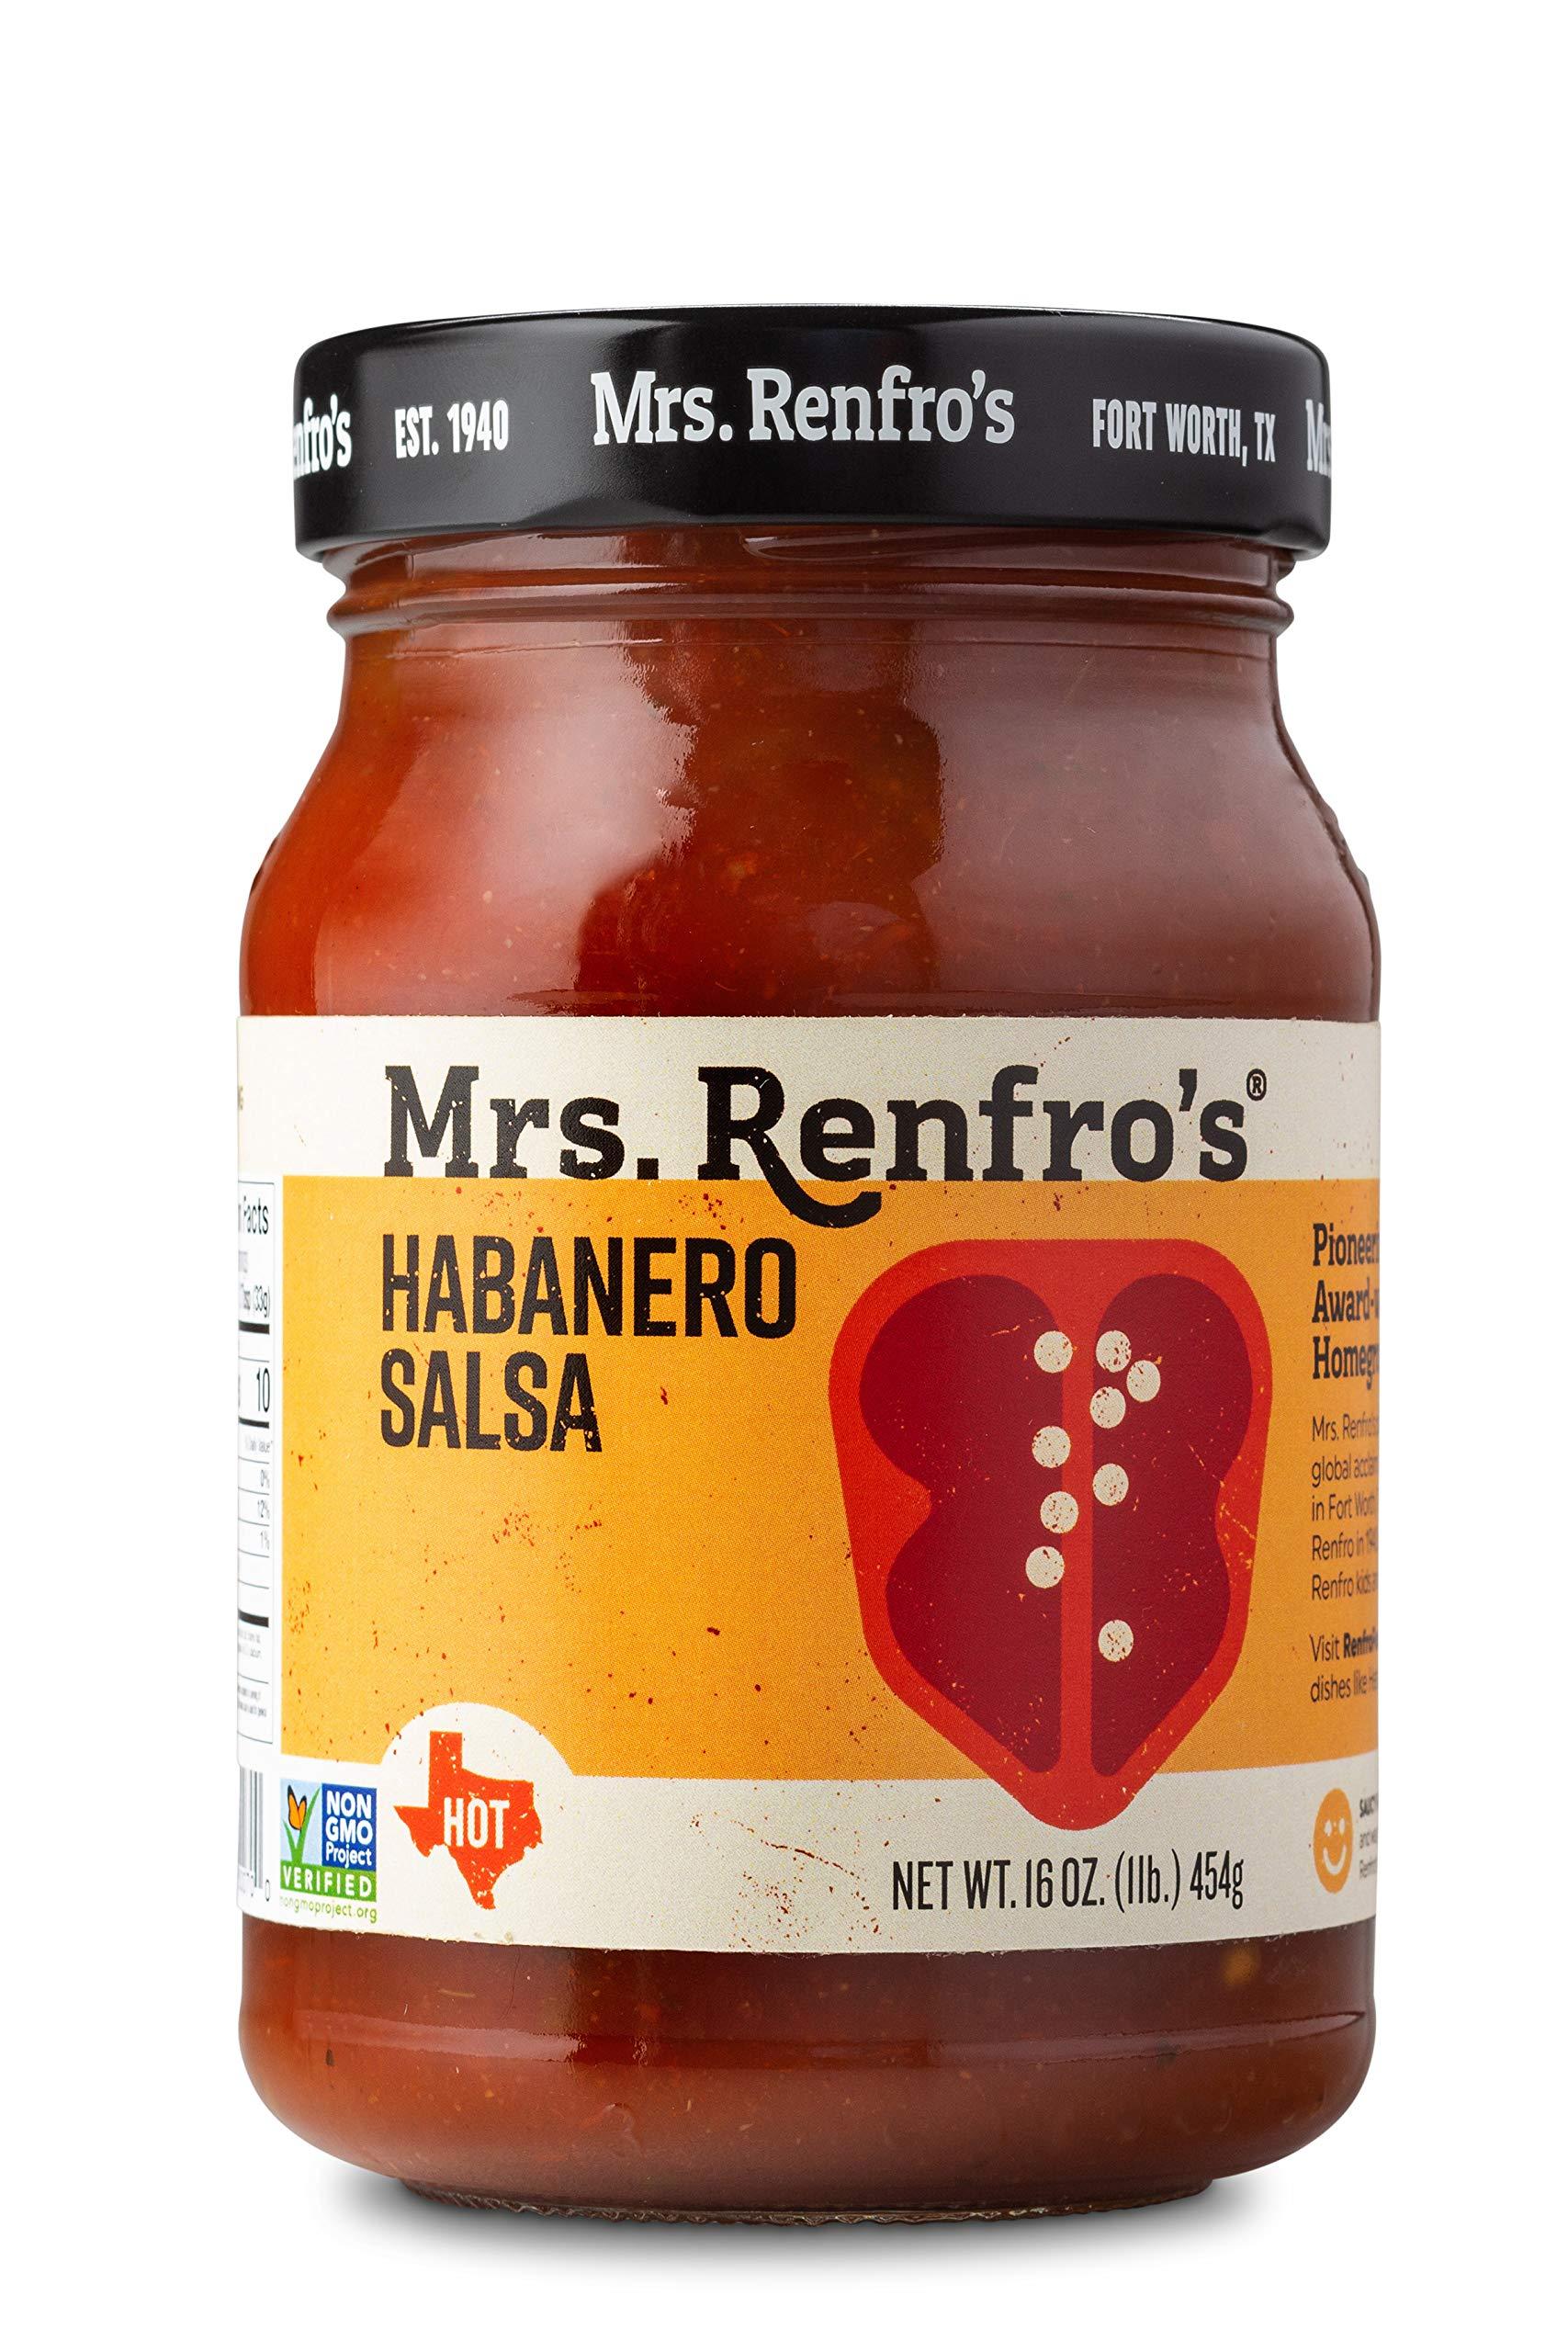 Mrs. Renfro's Habanero Salsa, Gluten Free, No Sugar Added, 16 oz Jar, Pack of 4 by Mrs. Renfro's